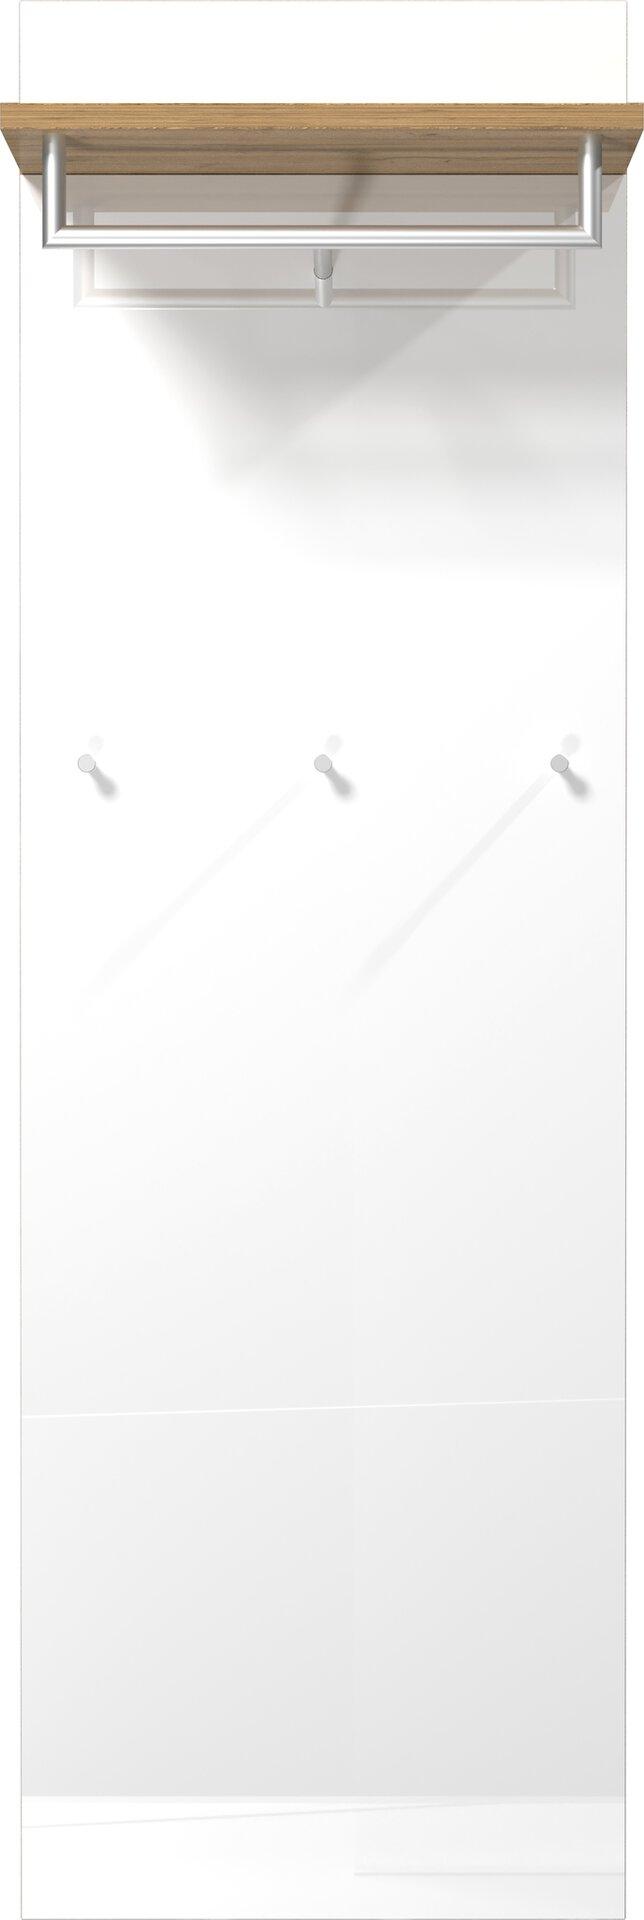 Garderobenpaneel Sintara  6017 3895-552 Vito Holzwerkstoff weiß 54 x 170 x